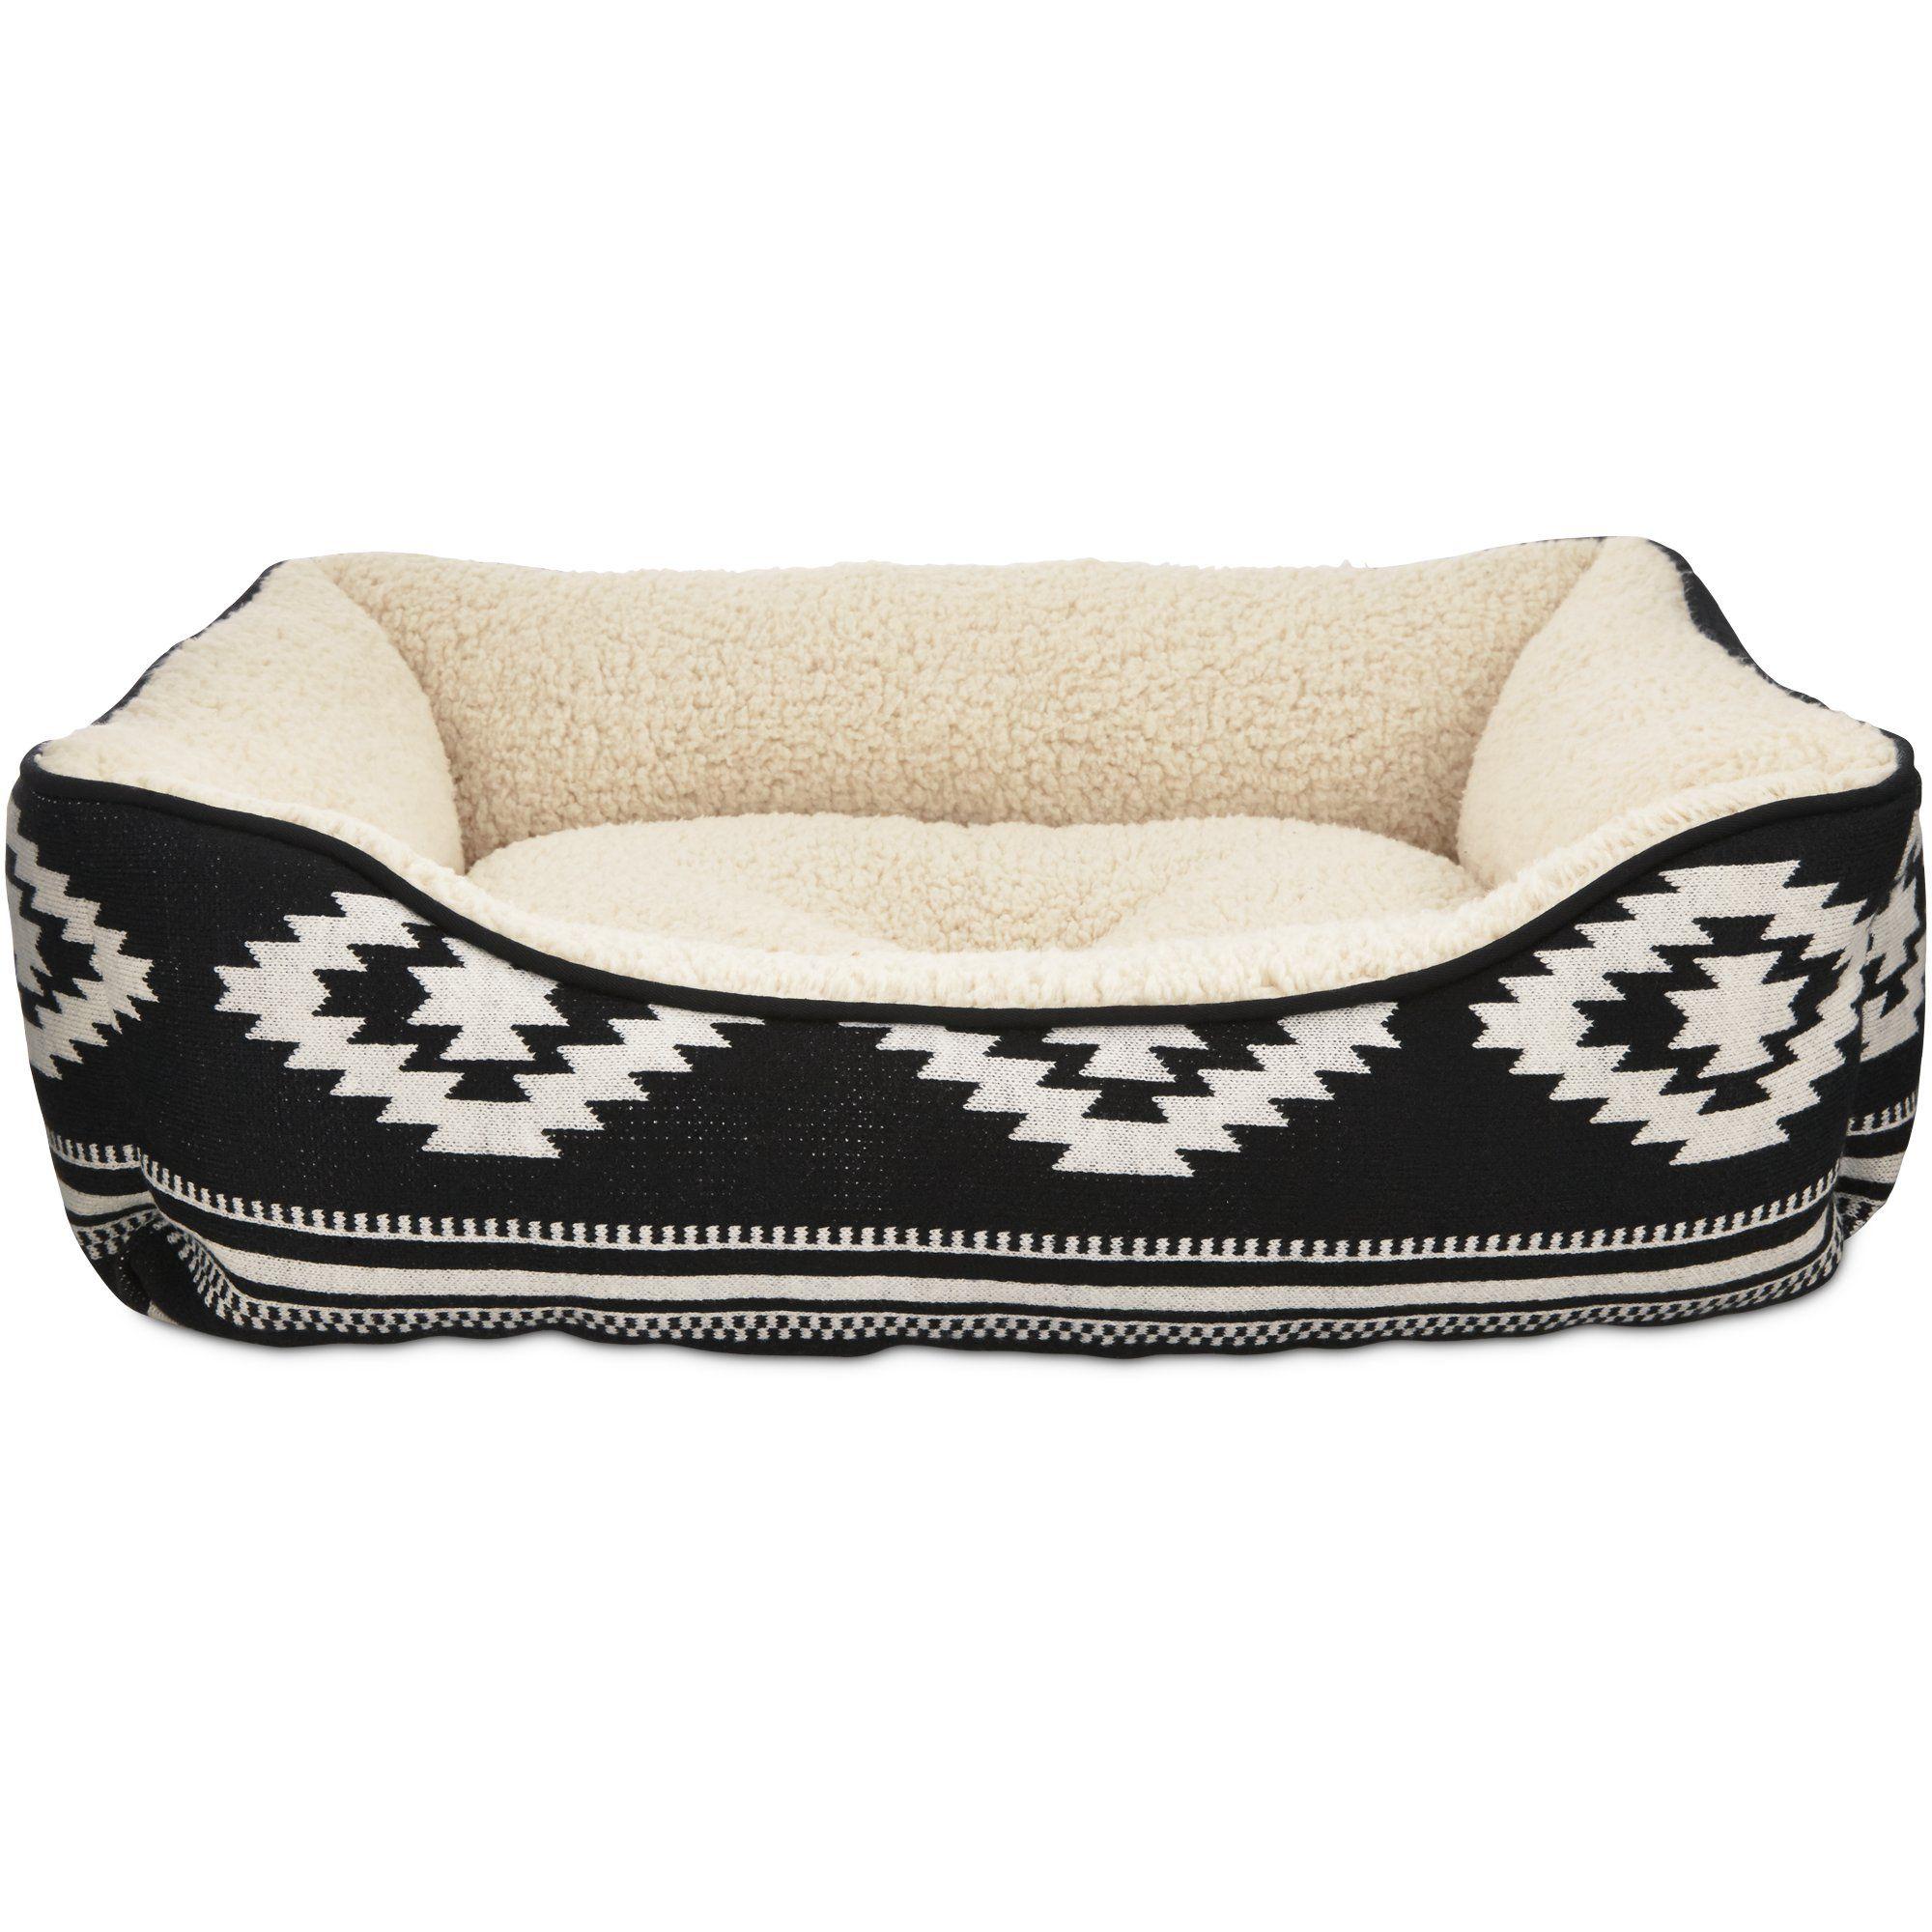 Harmony Black Aztec Dog Bed Petco Dog Bed Stylish Dog Beds